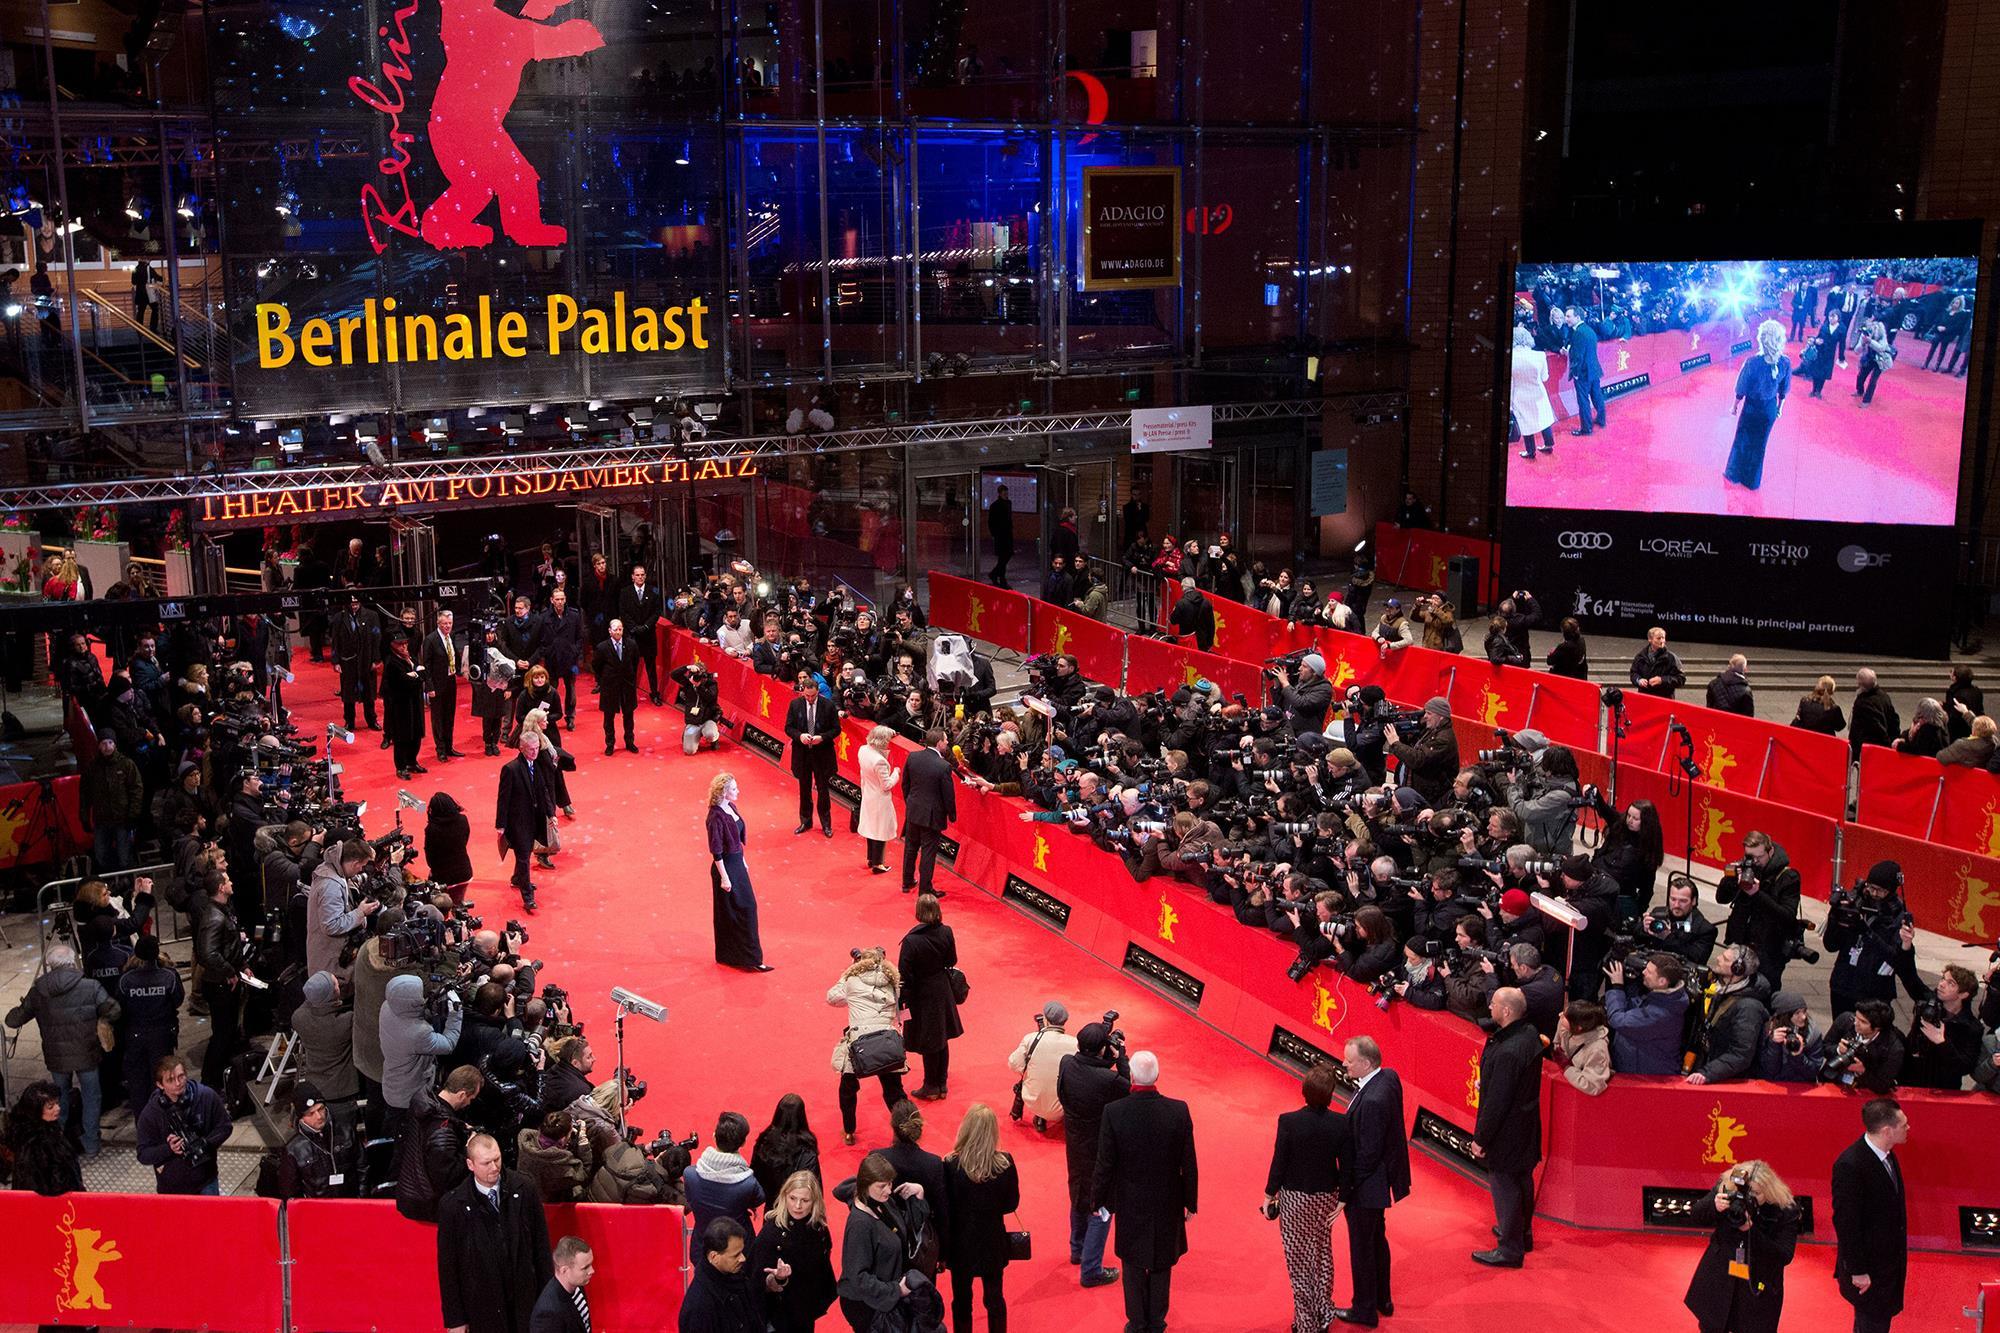 Berlinale 2020: Conozca todos los detalles de la fiesta alemana del cine